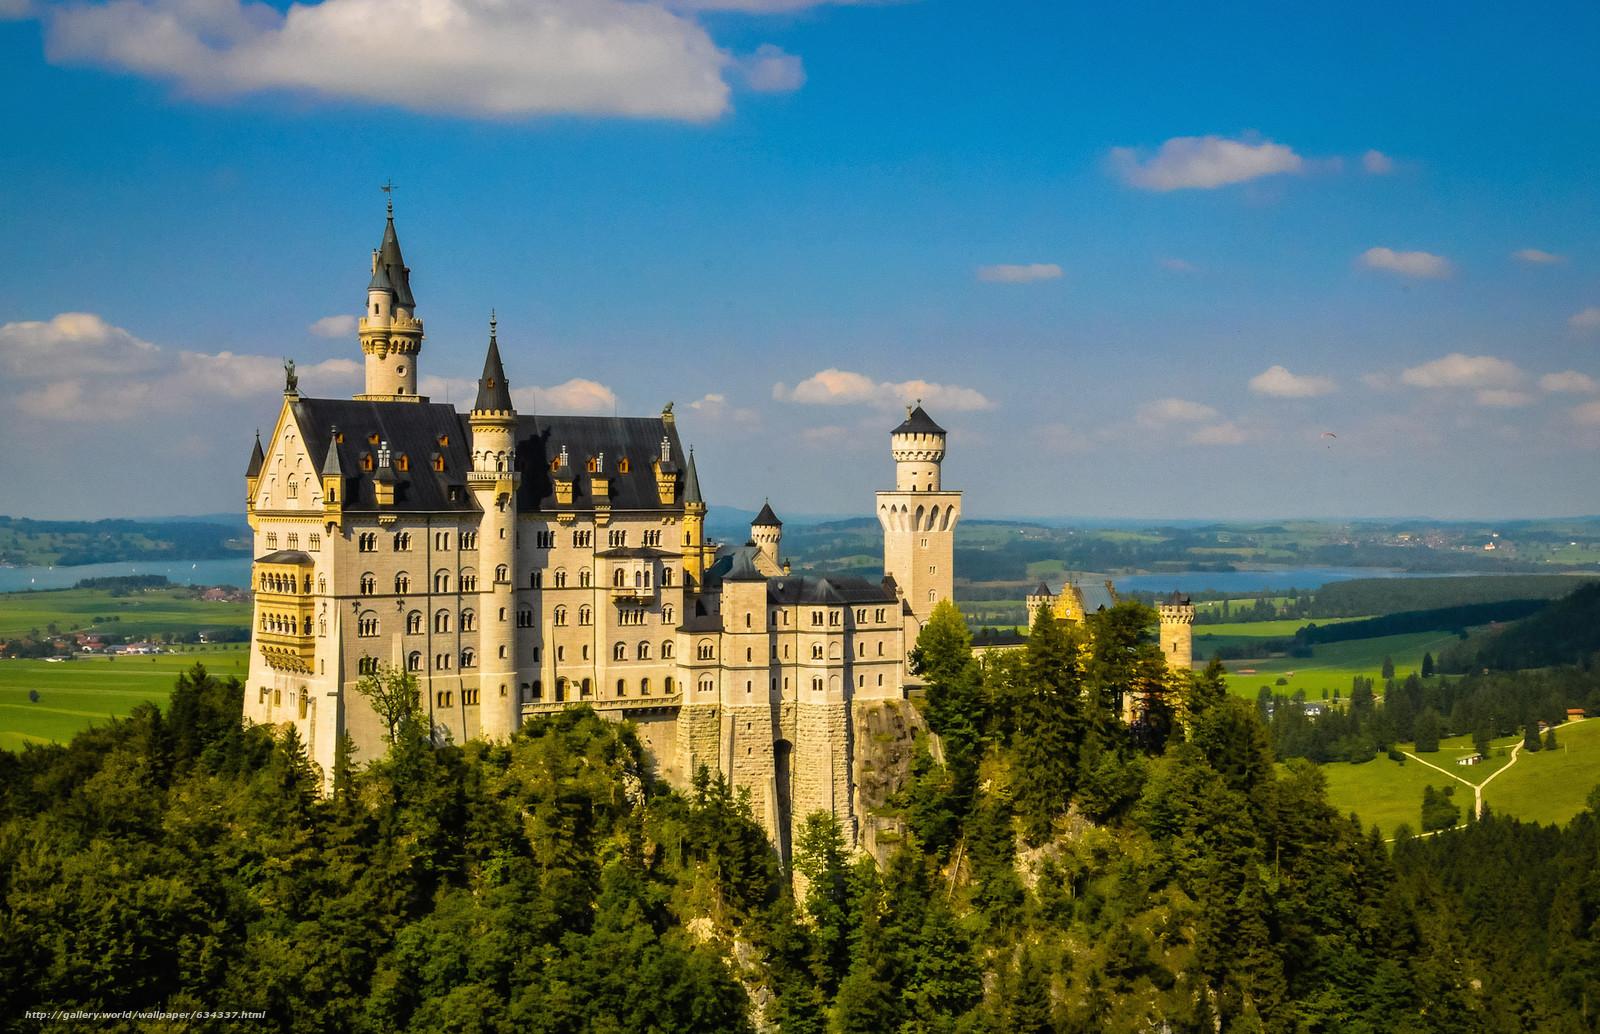 Скачать обои Neuschwanstein Castle,  Bavaria,  Germany,  Замок Нойшванштайн бесплатно для рабочего стола в разрешении 2048x1324 — картинка №634337